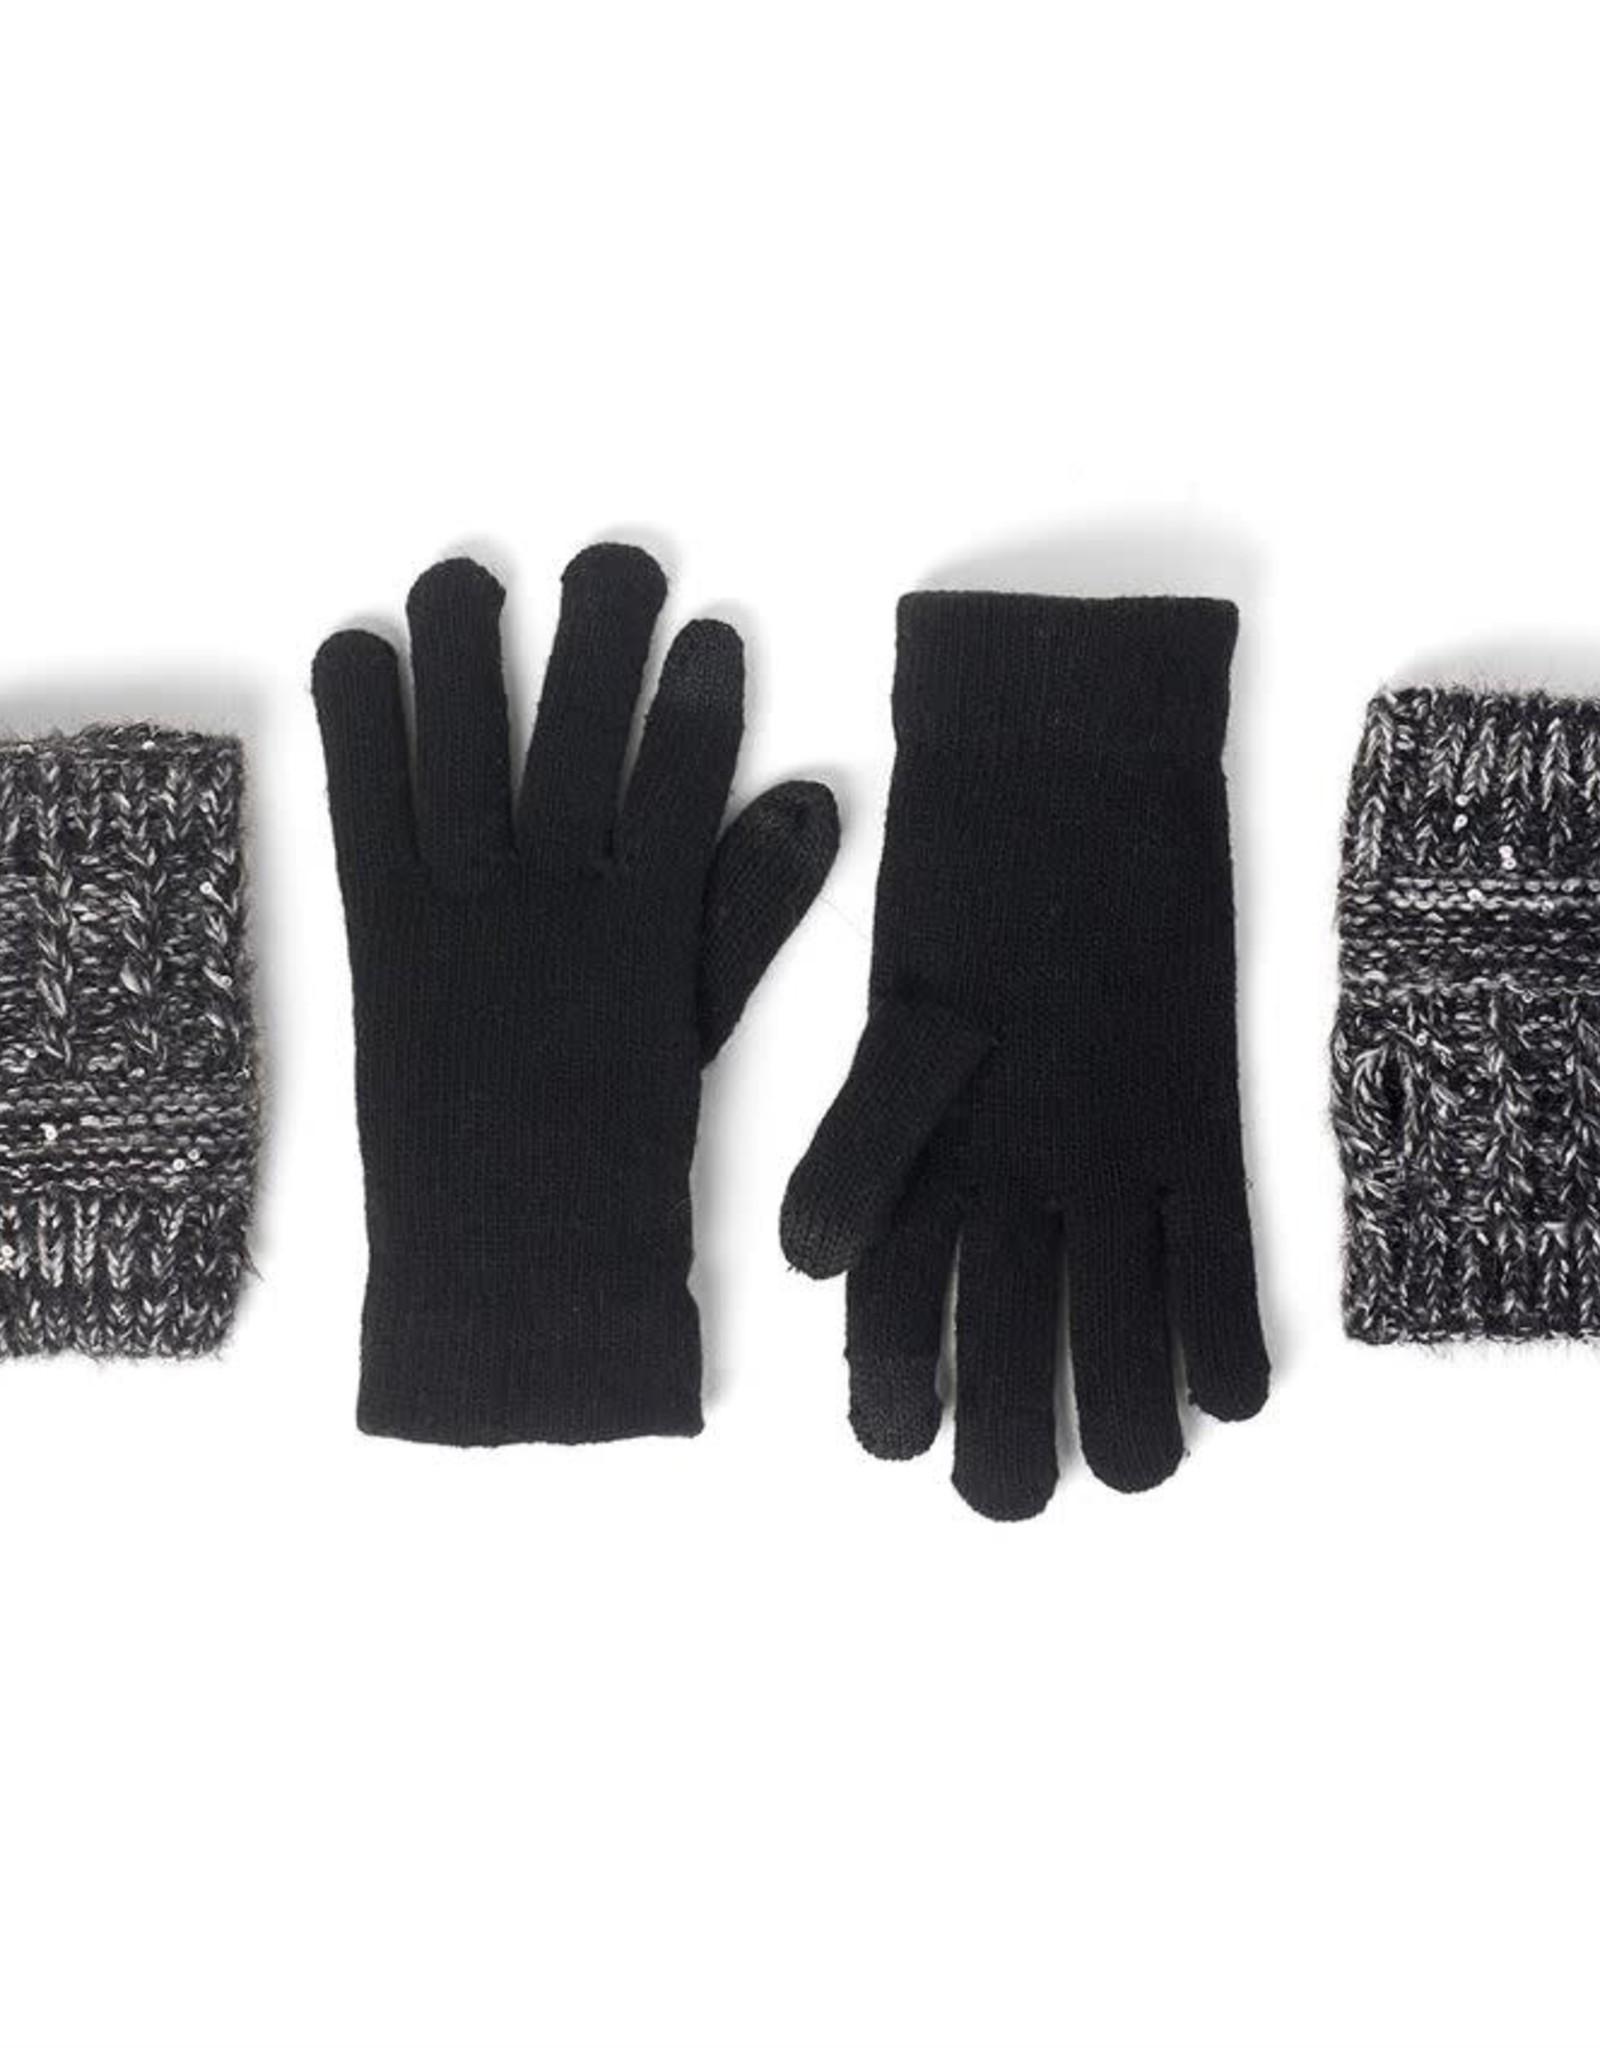 Coco & Carmen Convertible Gloves